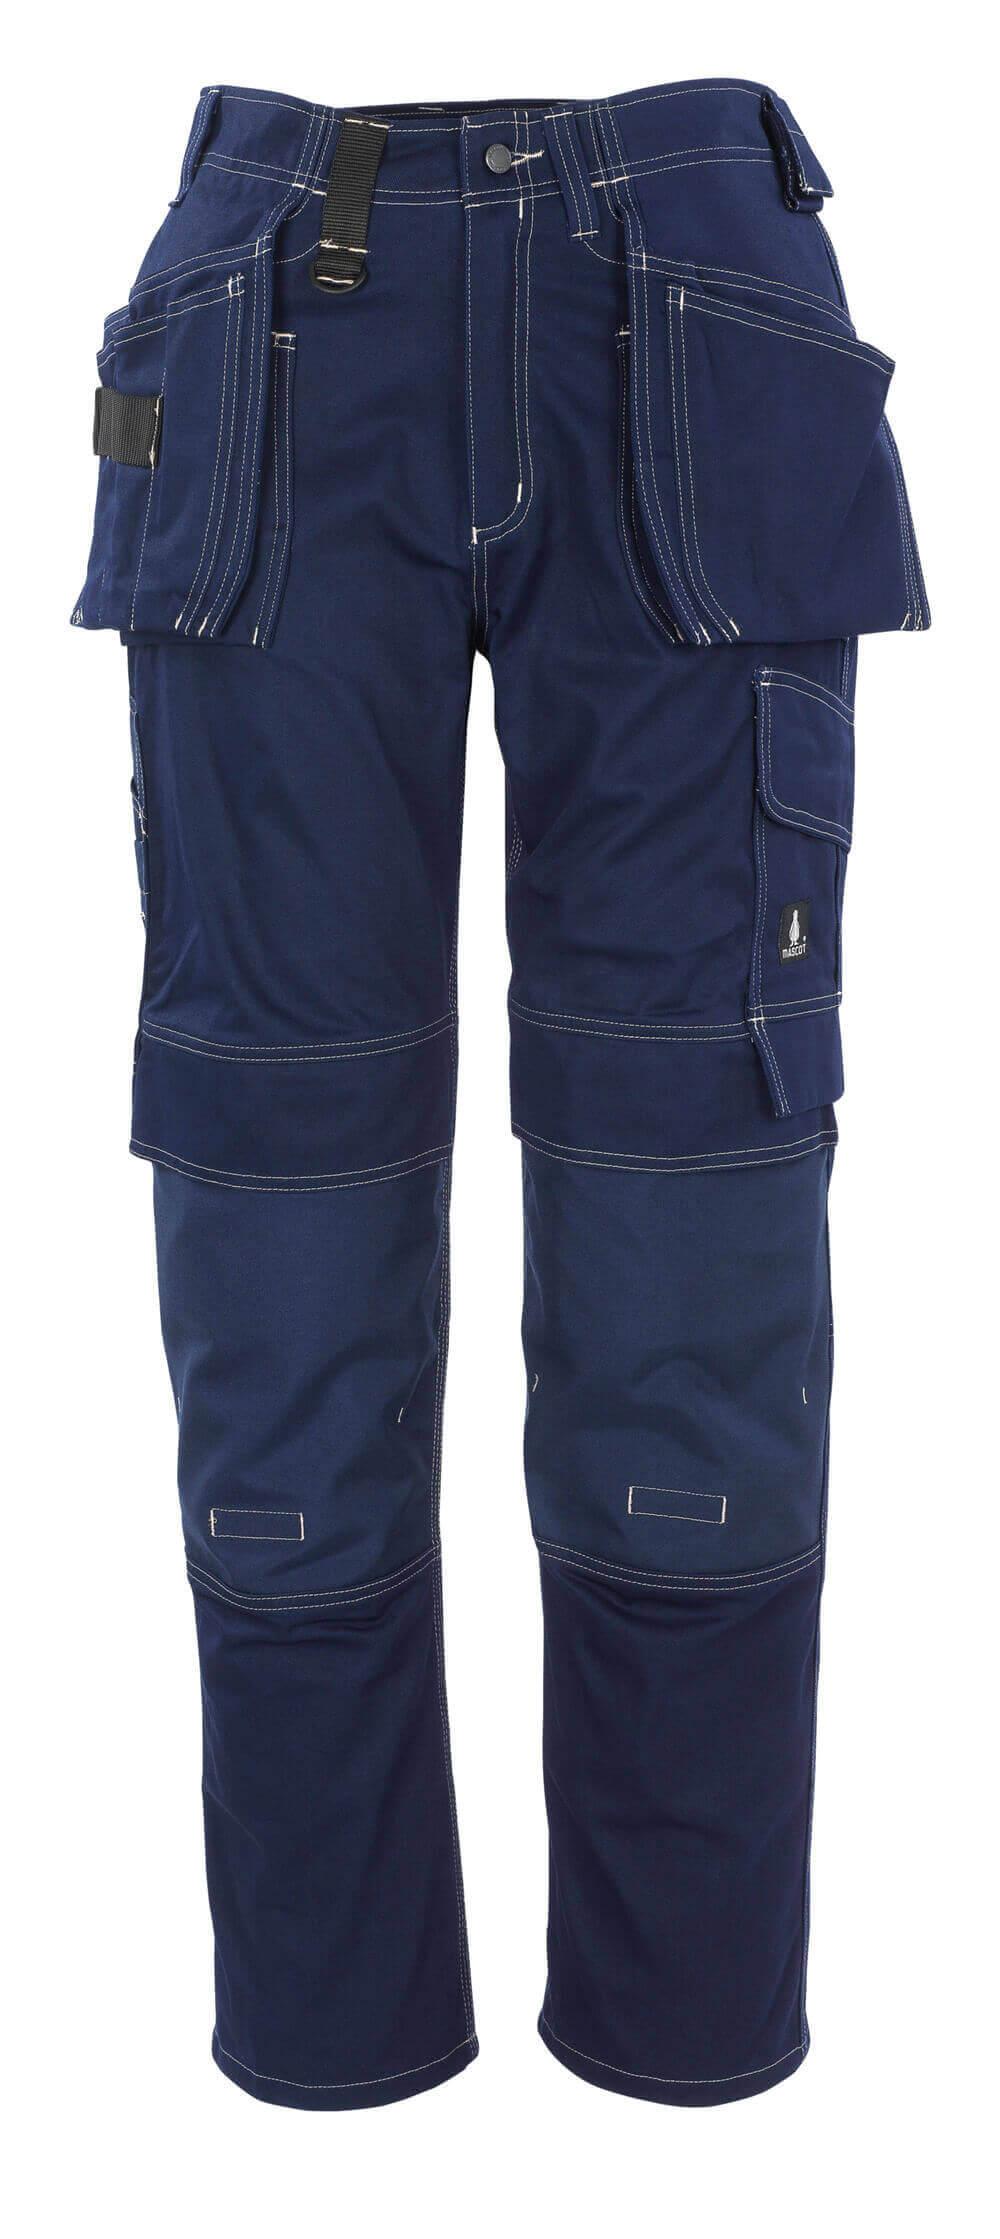 06131-630-01 Hose mit Hängetaschen - Marine